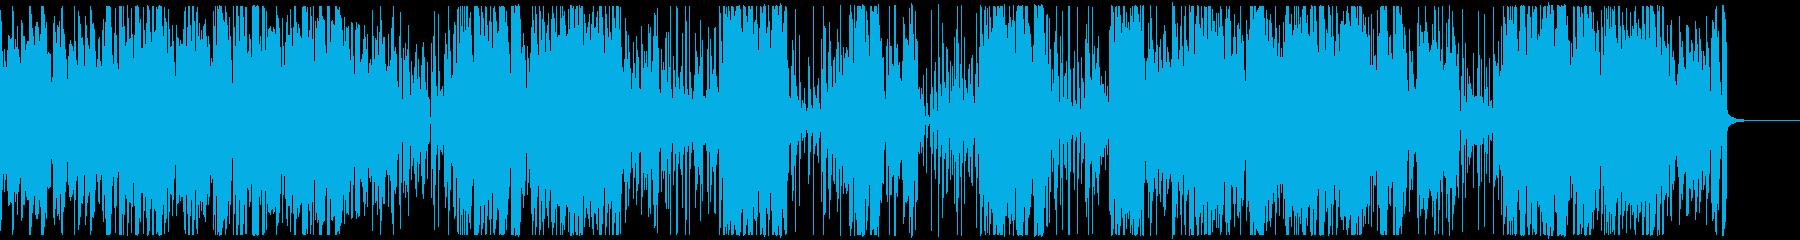 ビバップ・ジャズ/サックス伴奏の再生済みの波形